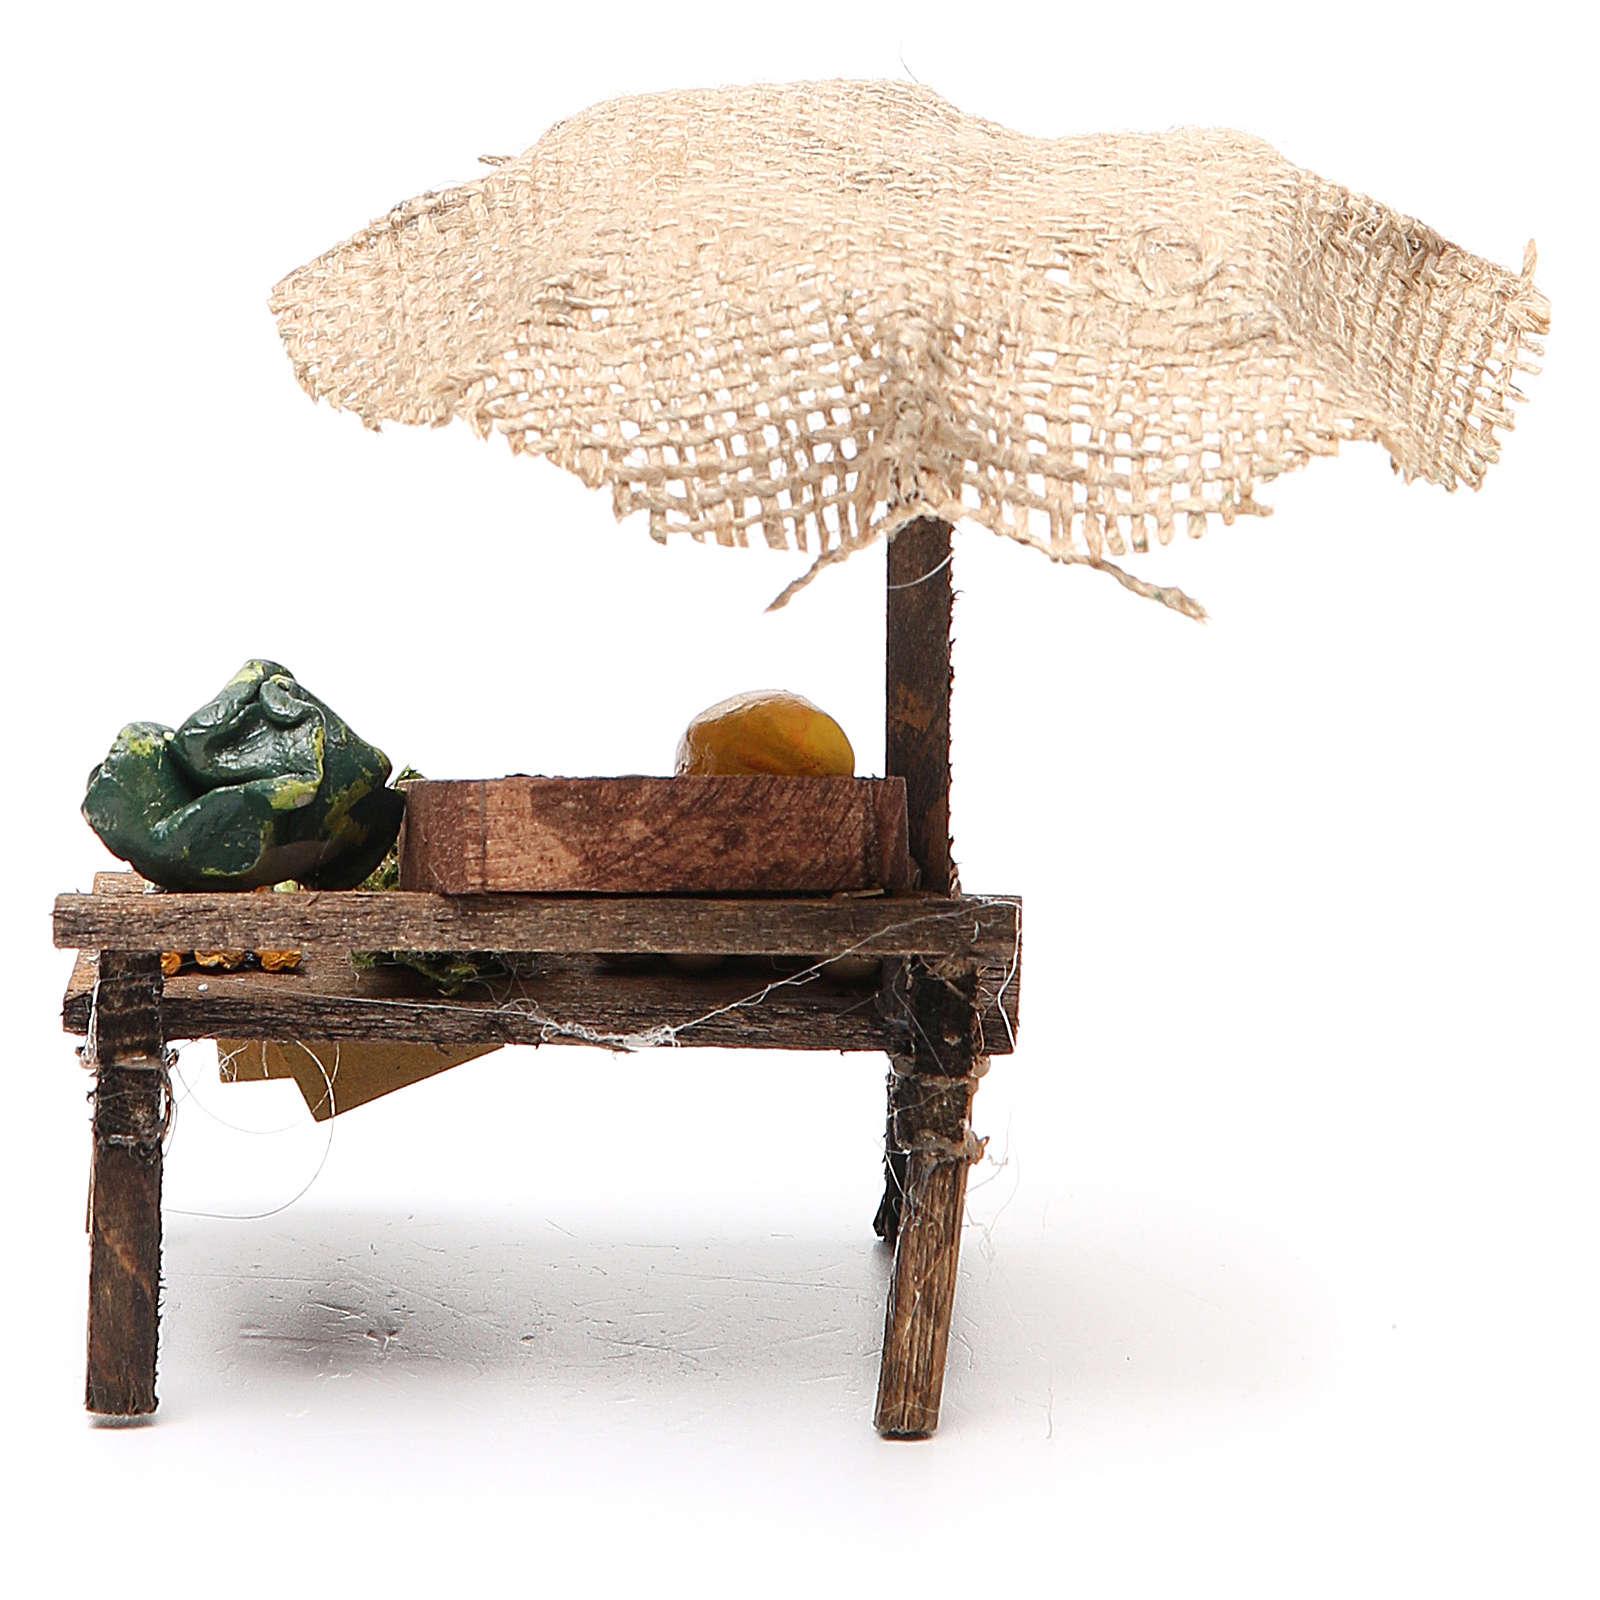 Stoisko z parasolem z warzywami 12x10x12 cm 4